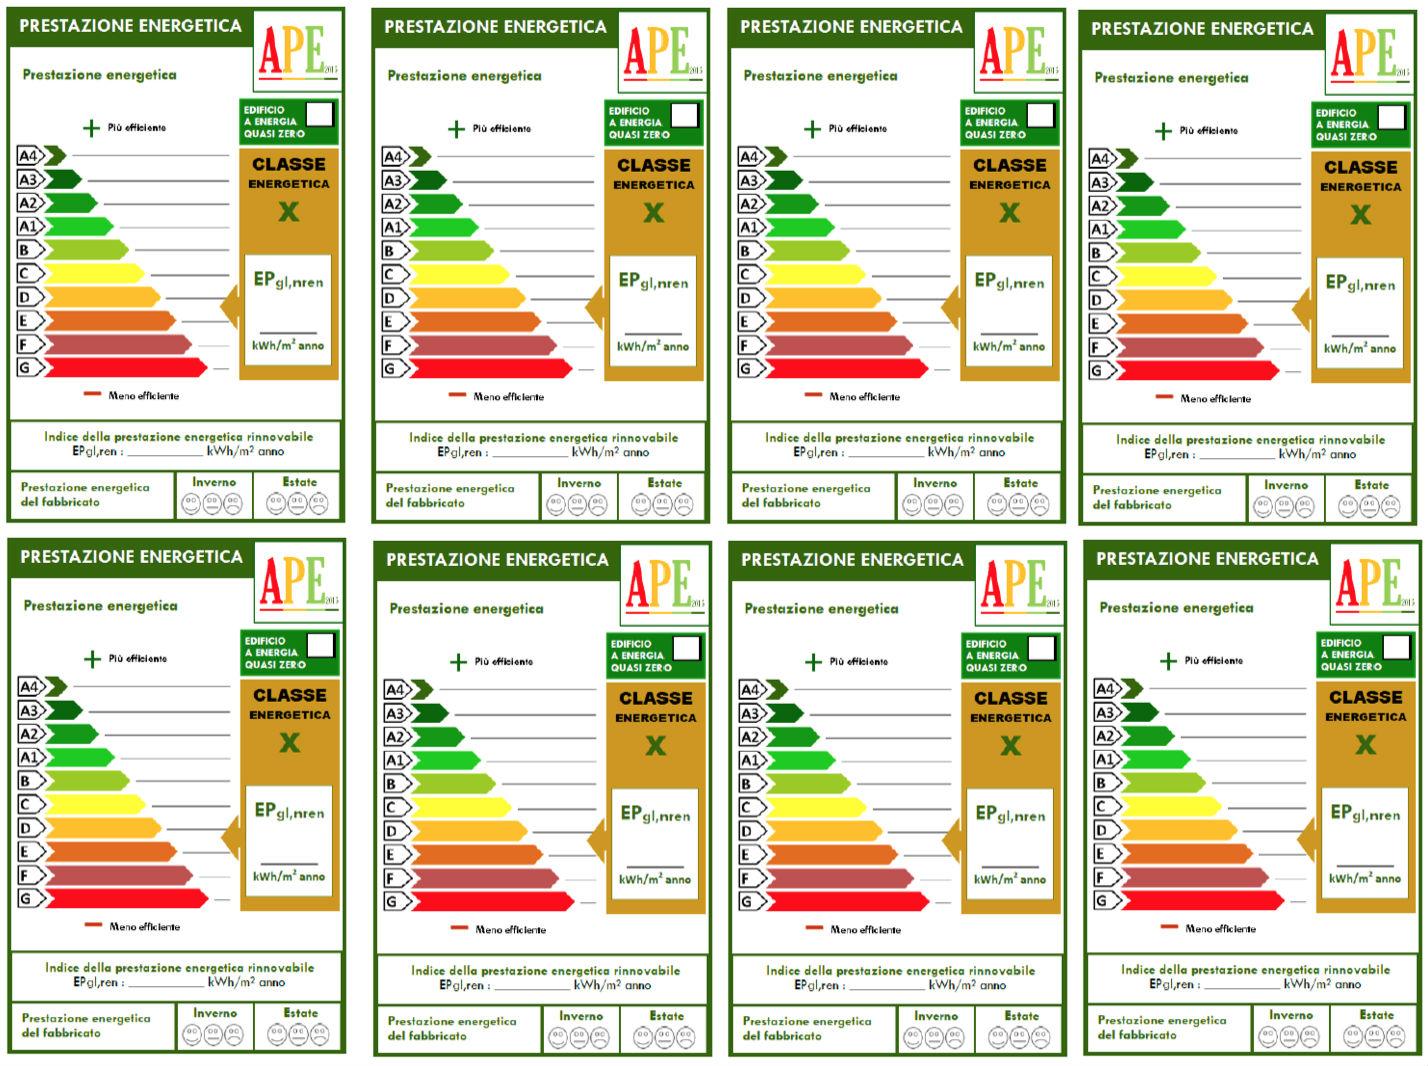 Classi Energetiche Edifici : Guida pratica al nuovo ape per gli edifici residenziali